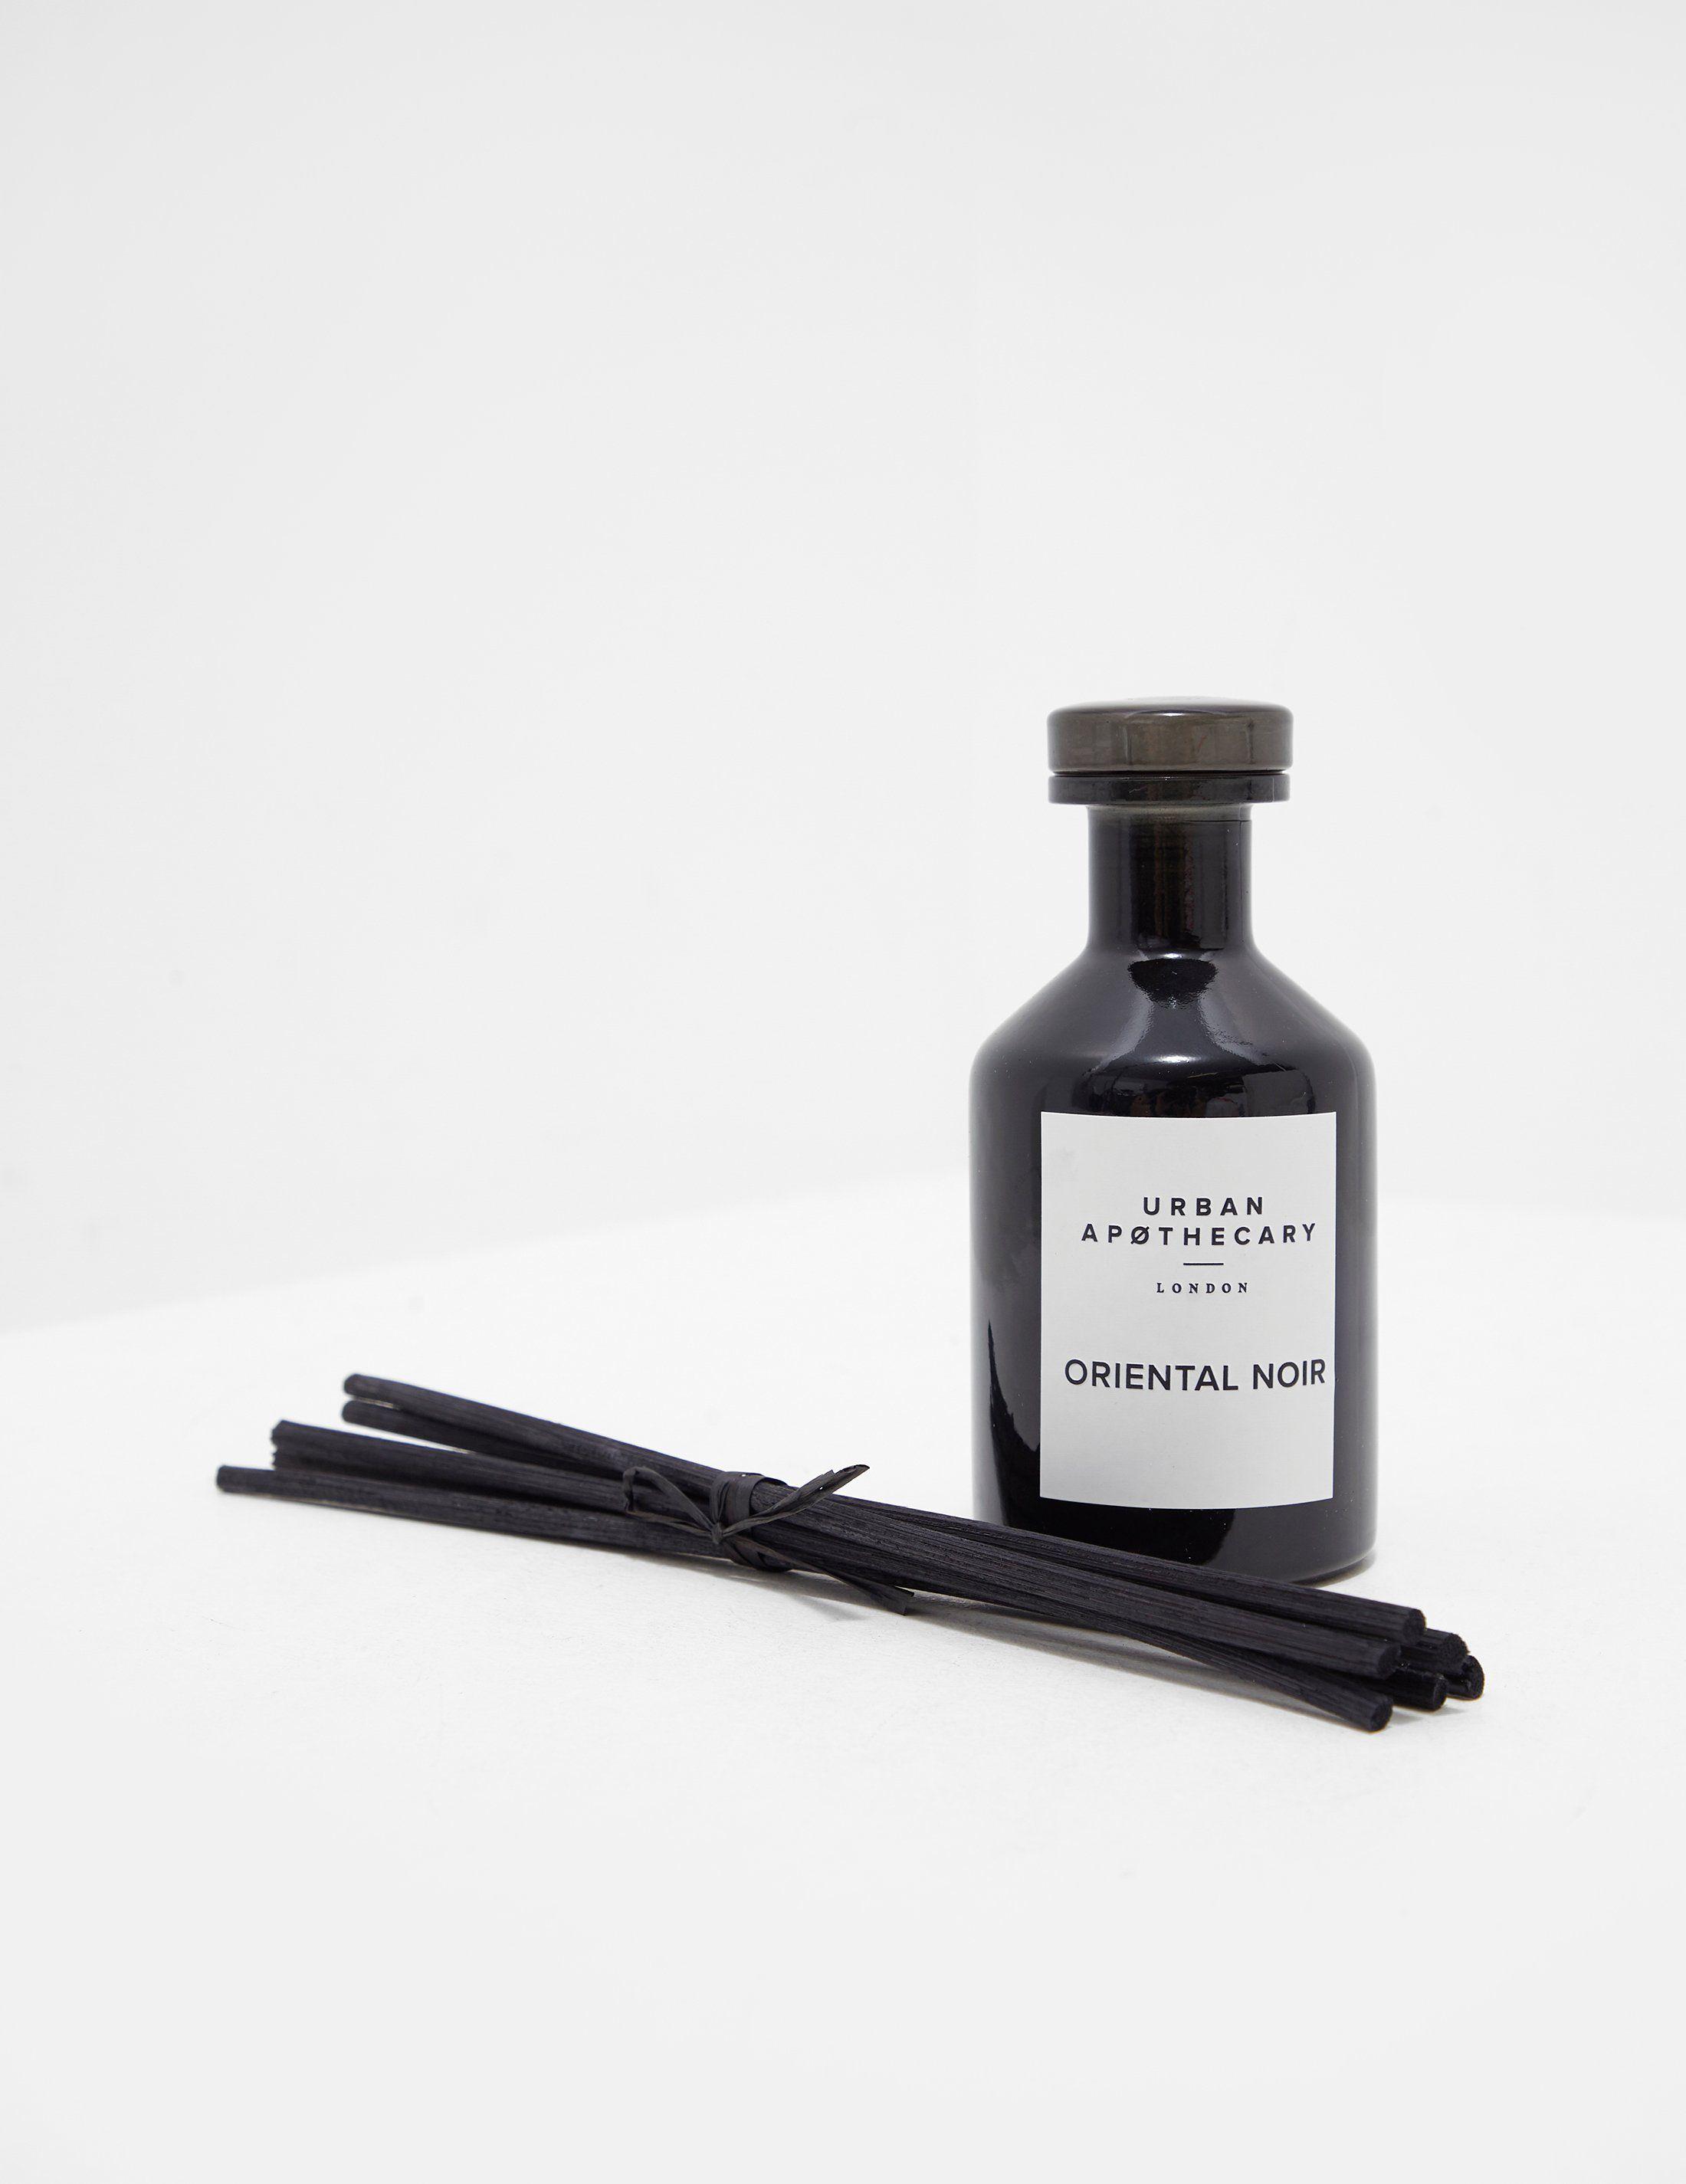 Urban Apothecary Oriental Noir Diffuser